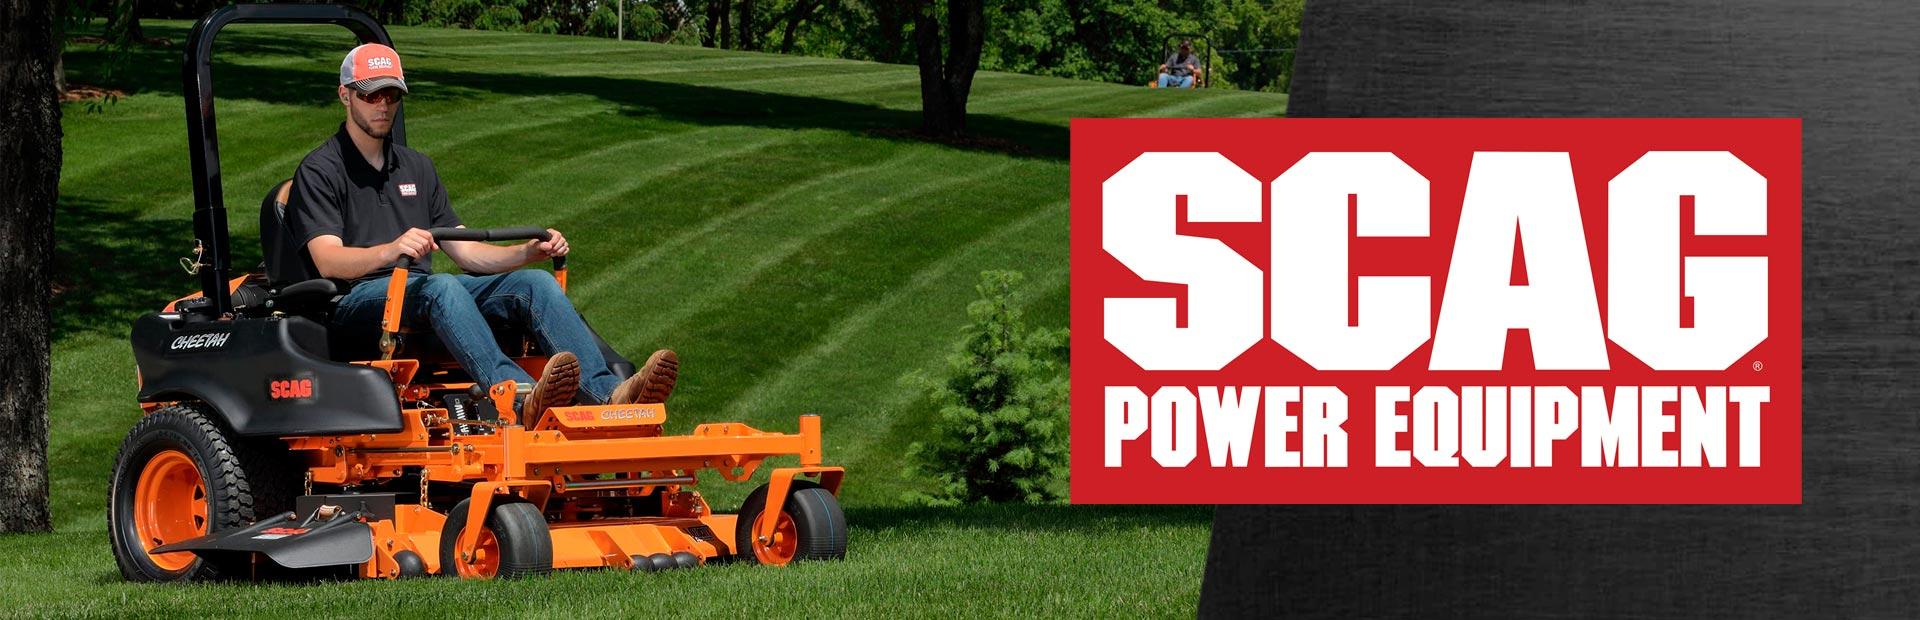 banner-scag-zero-turn-mowers